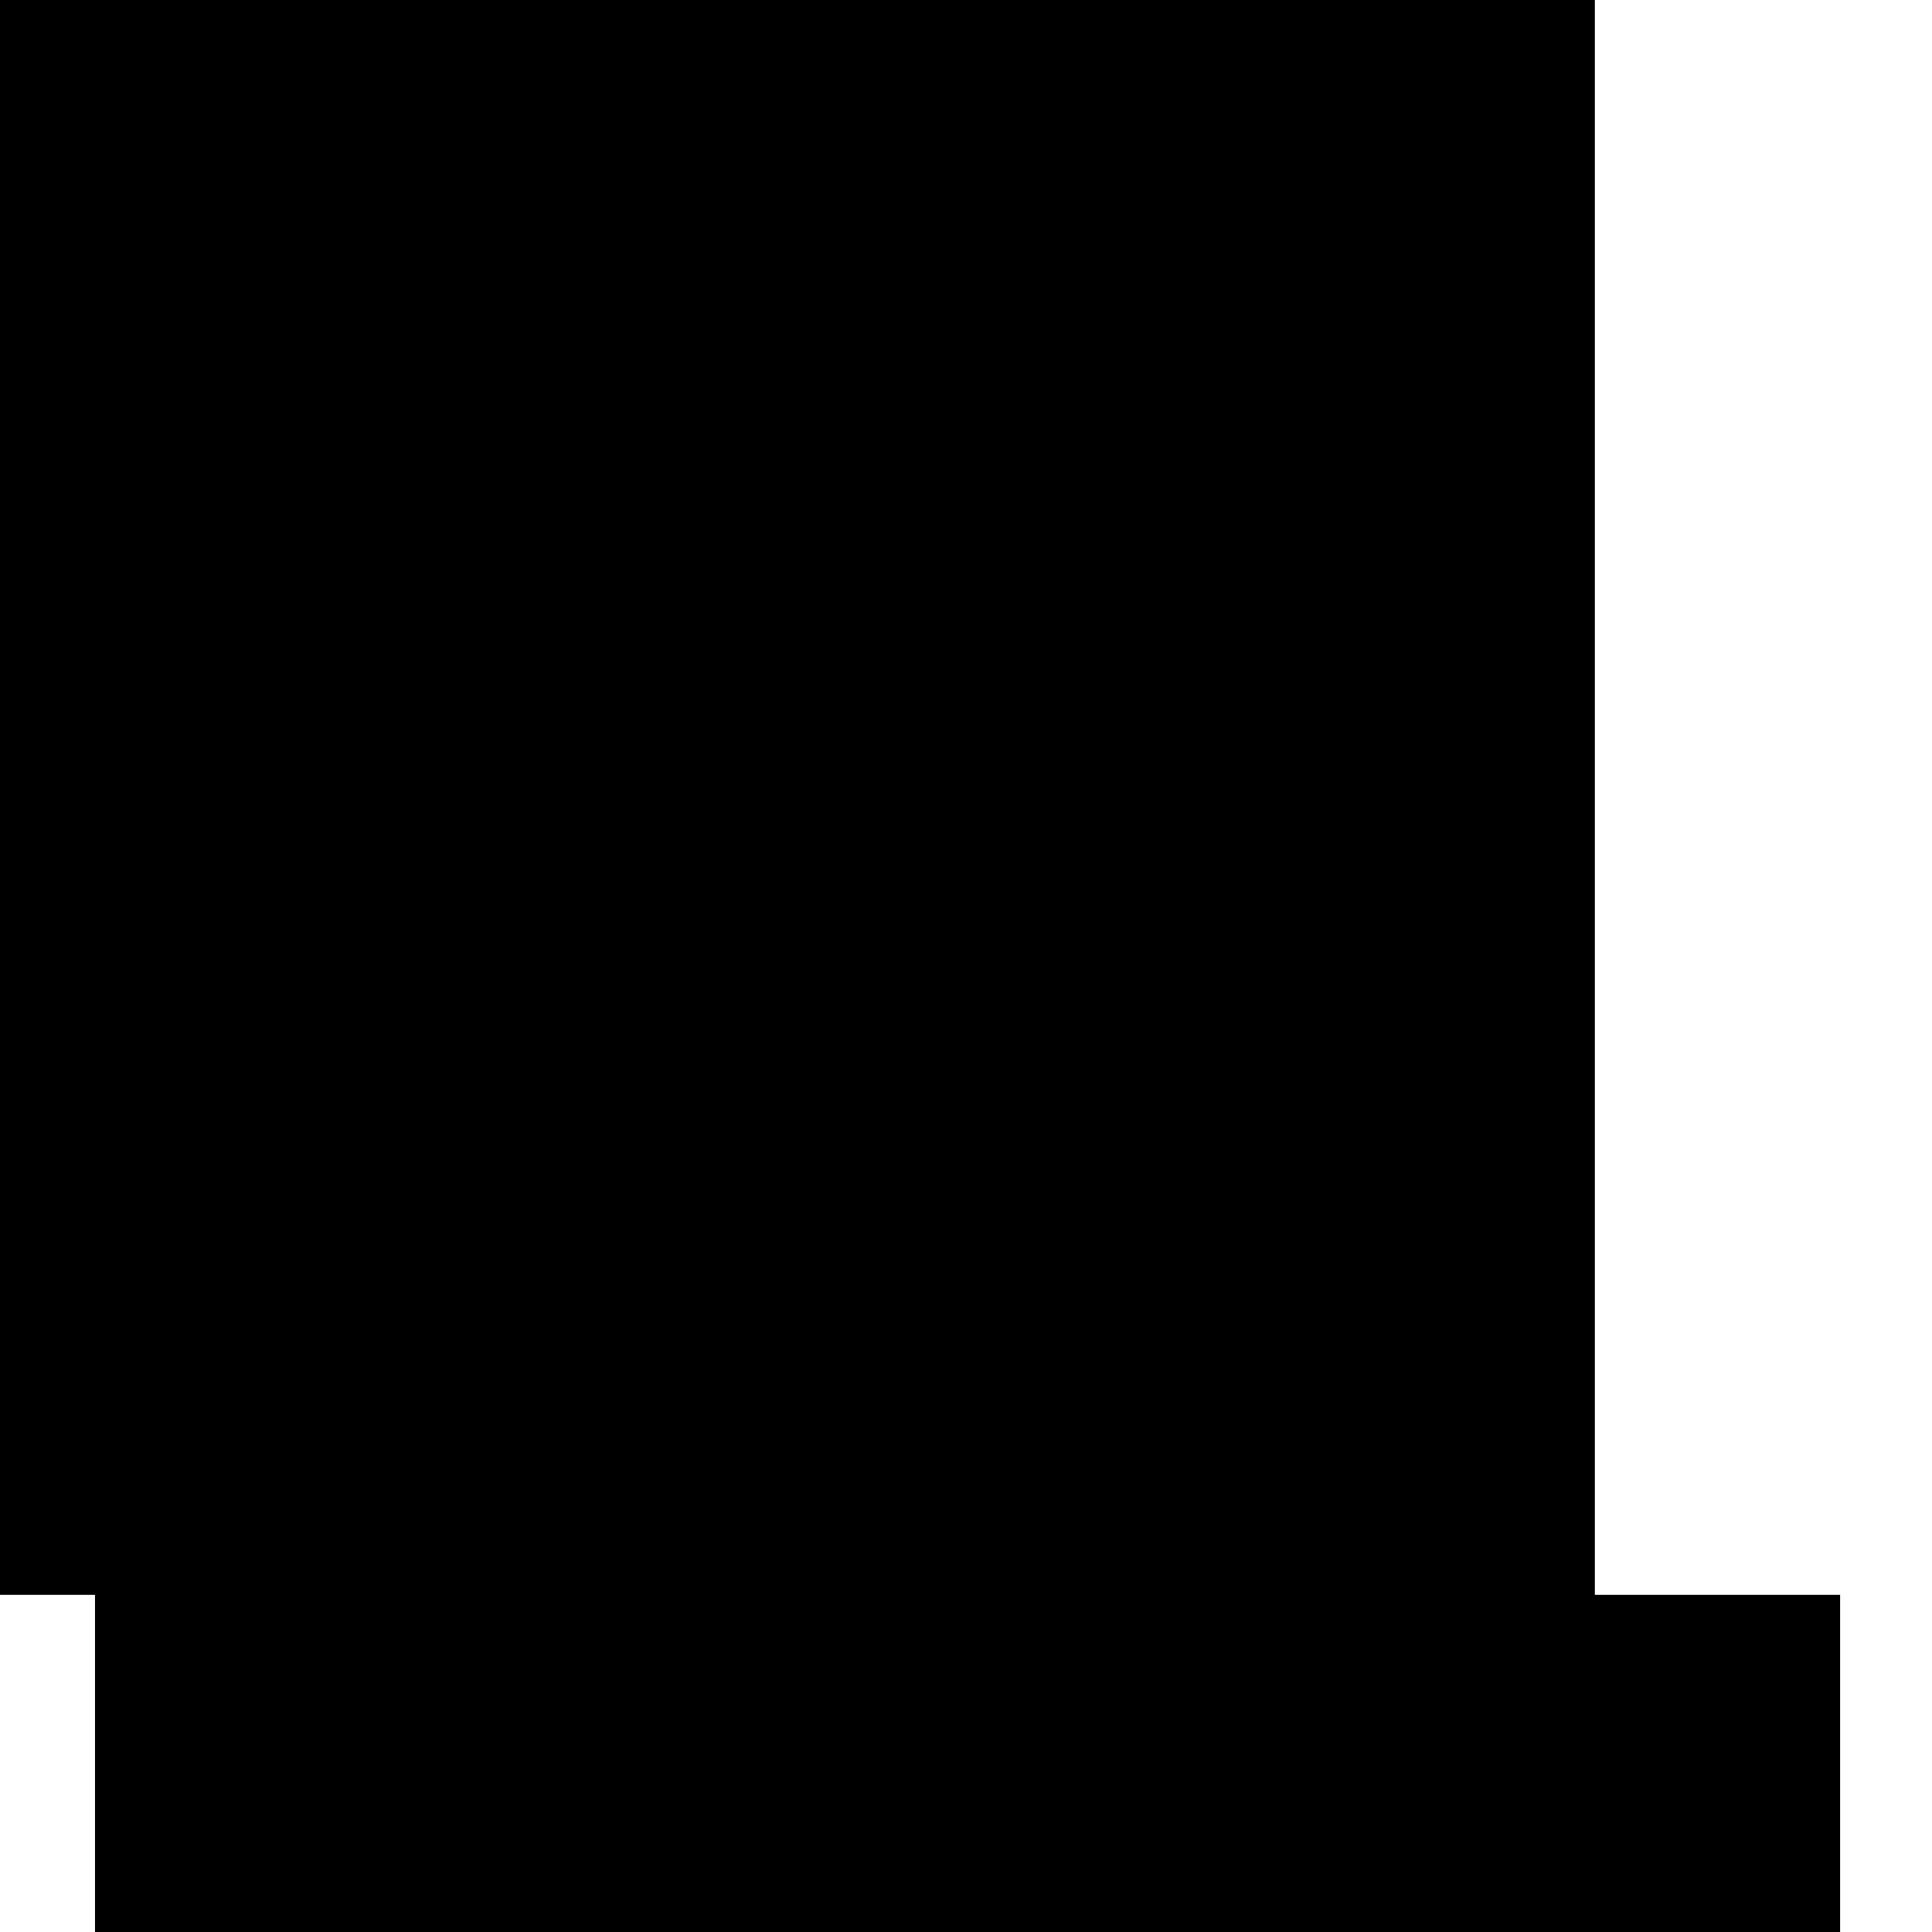 信楽キャンプ北欧ハウス ロゴマーク01